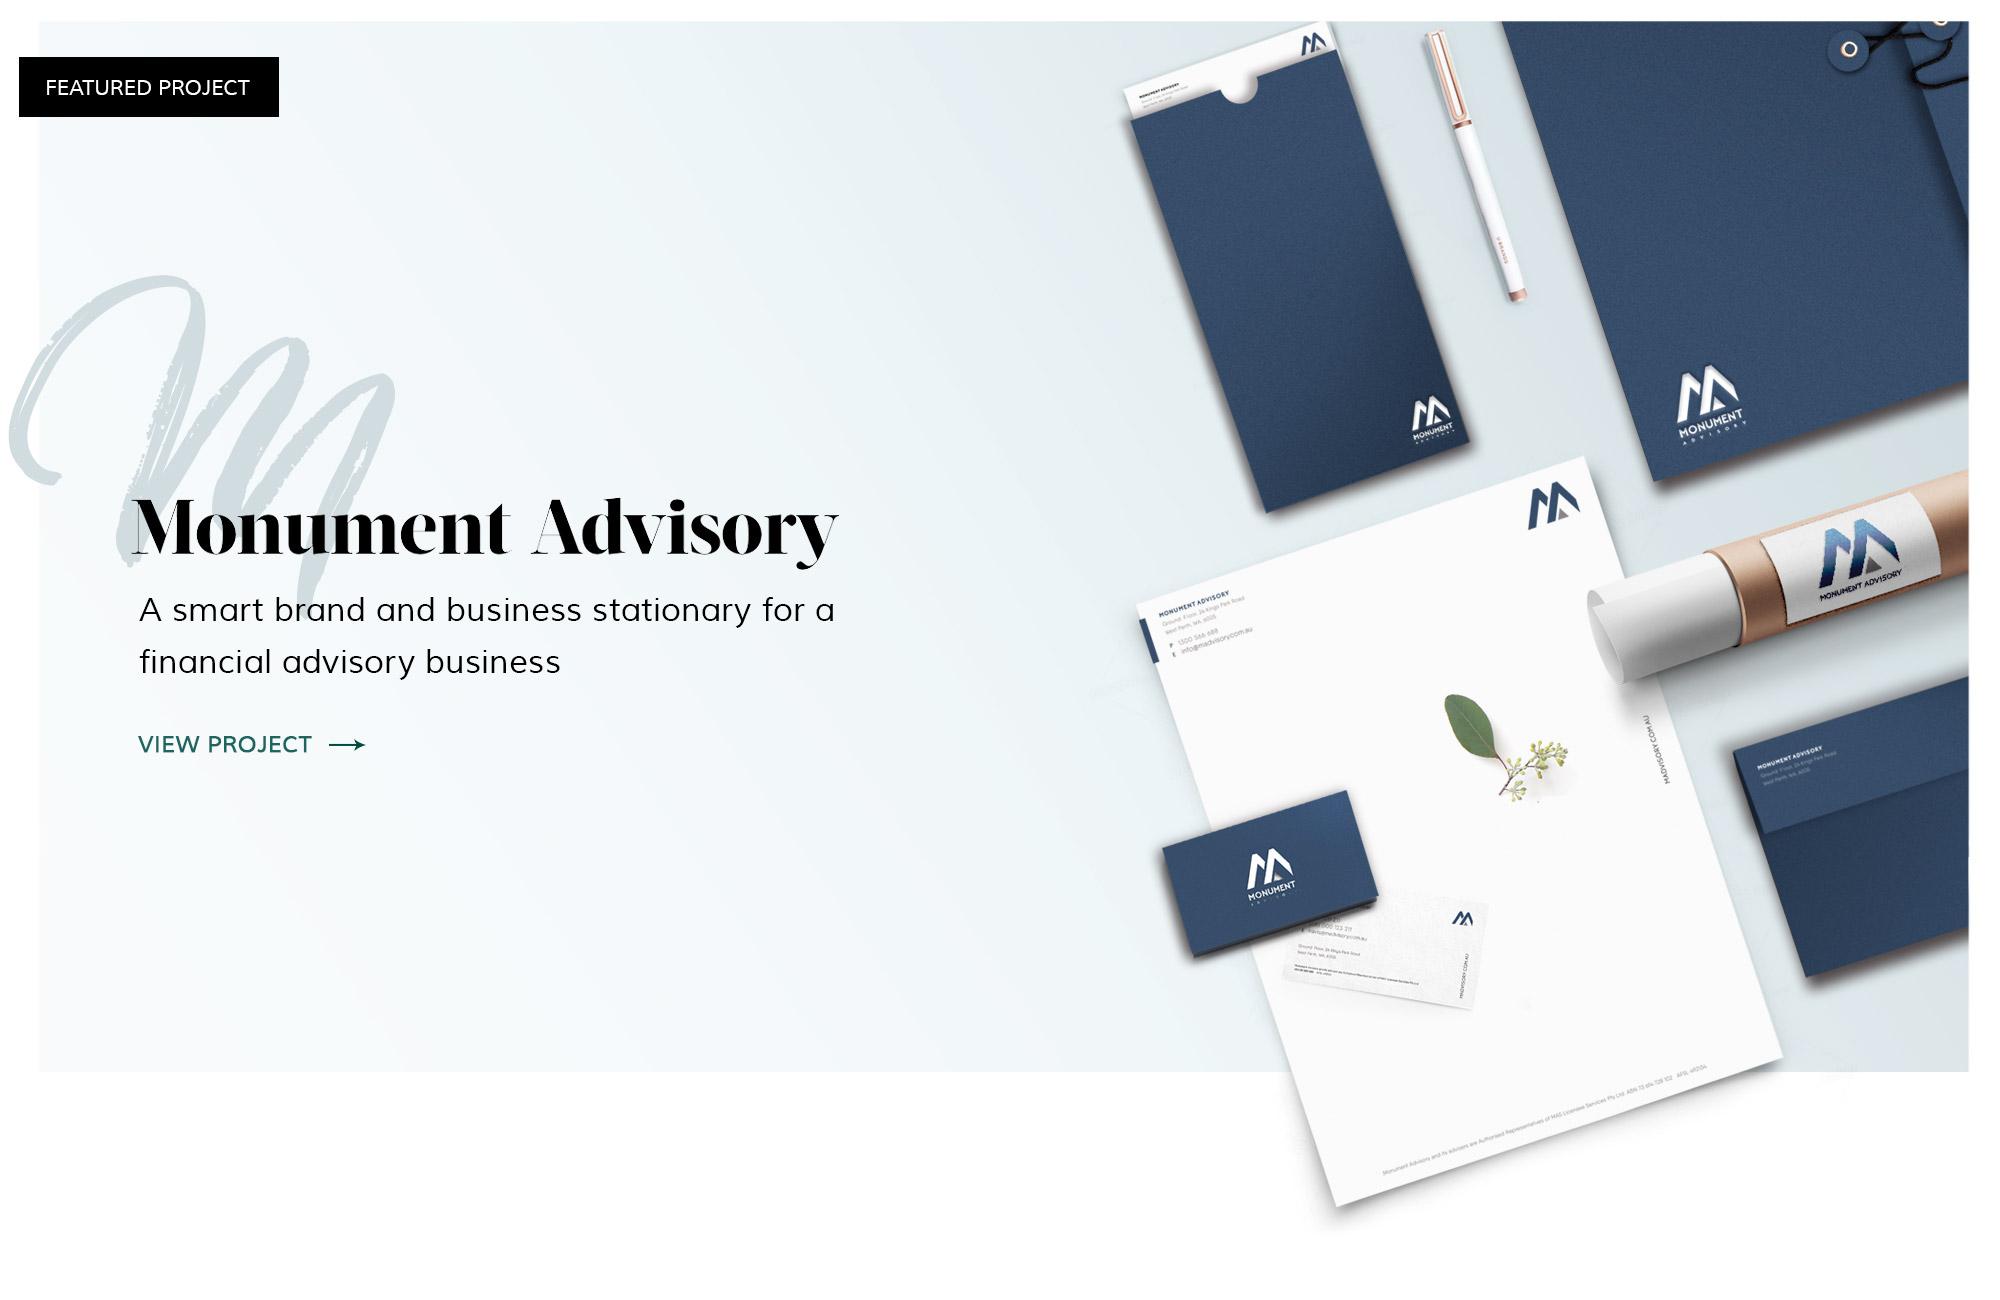 Monument-advisory.jpg